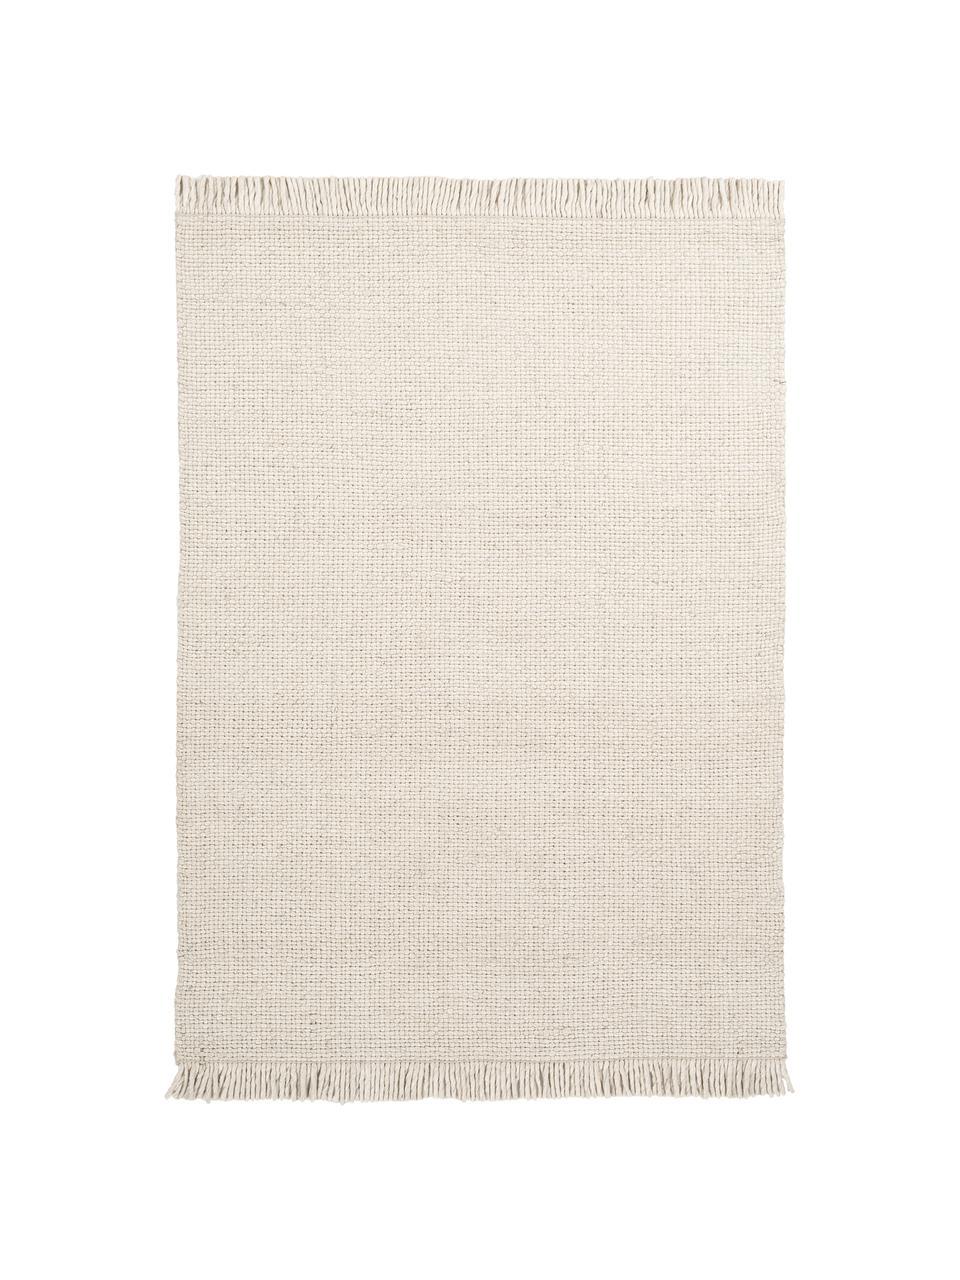 Tappeto in lana tessuto a mano color crema con frange Alvin, Retro: 100% cotone Nel caso dei , Crema, Larg. 80 x Lung. 150 cm (taglia XS)